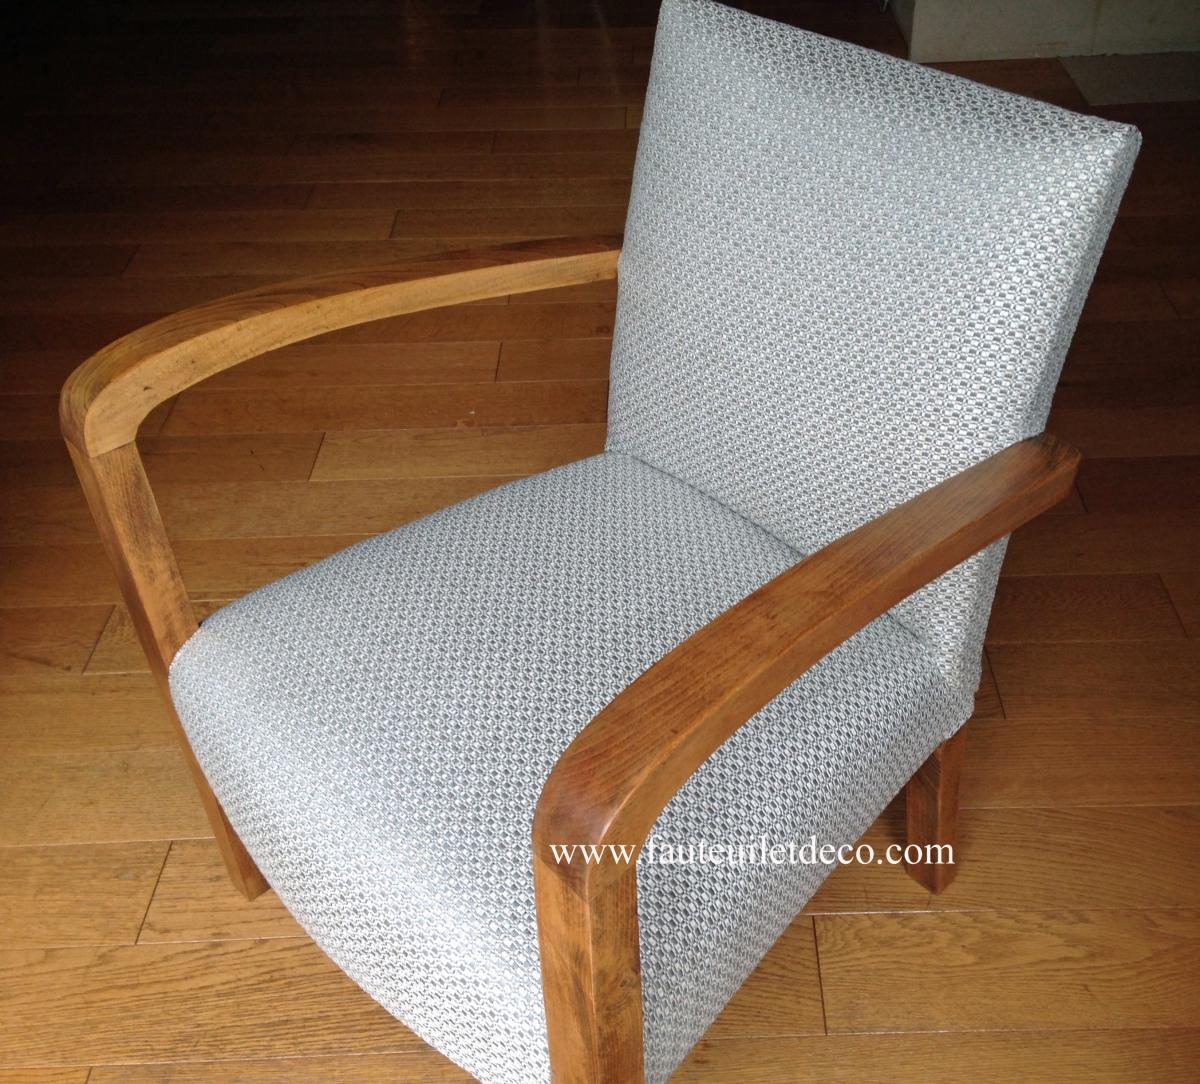 R fection compl te d un fauteuil bridge fauteuil d co - Retapisser un canape ...